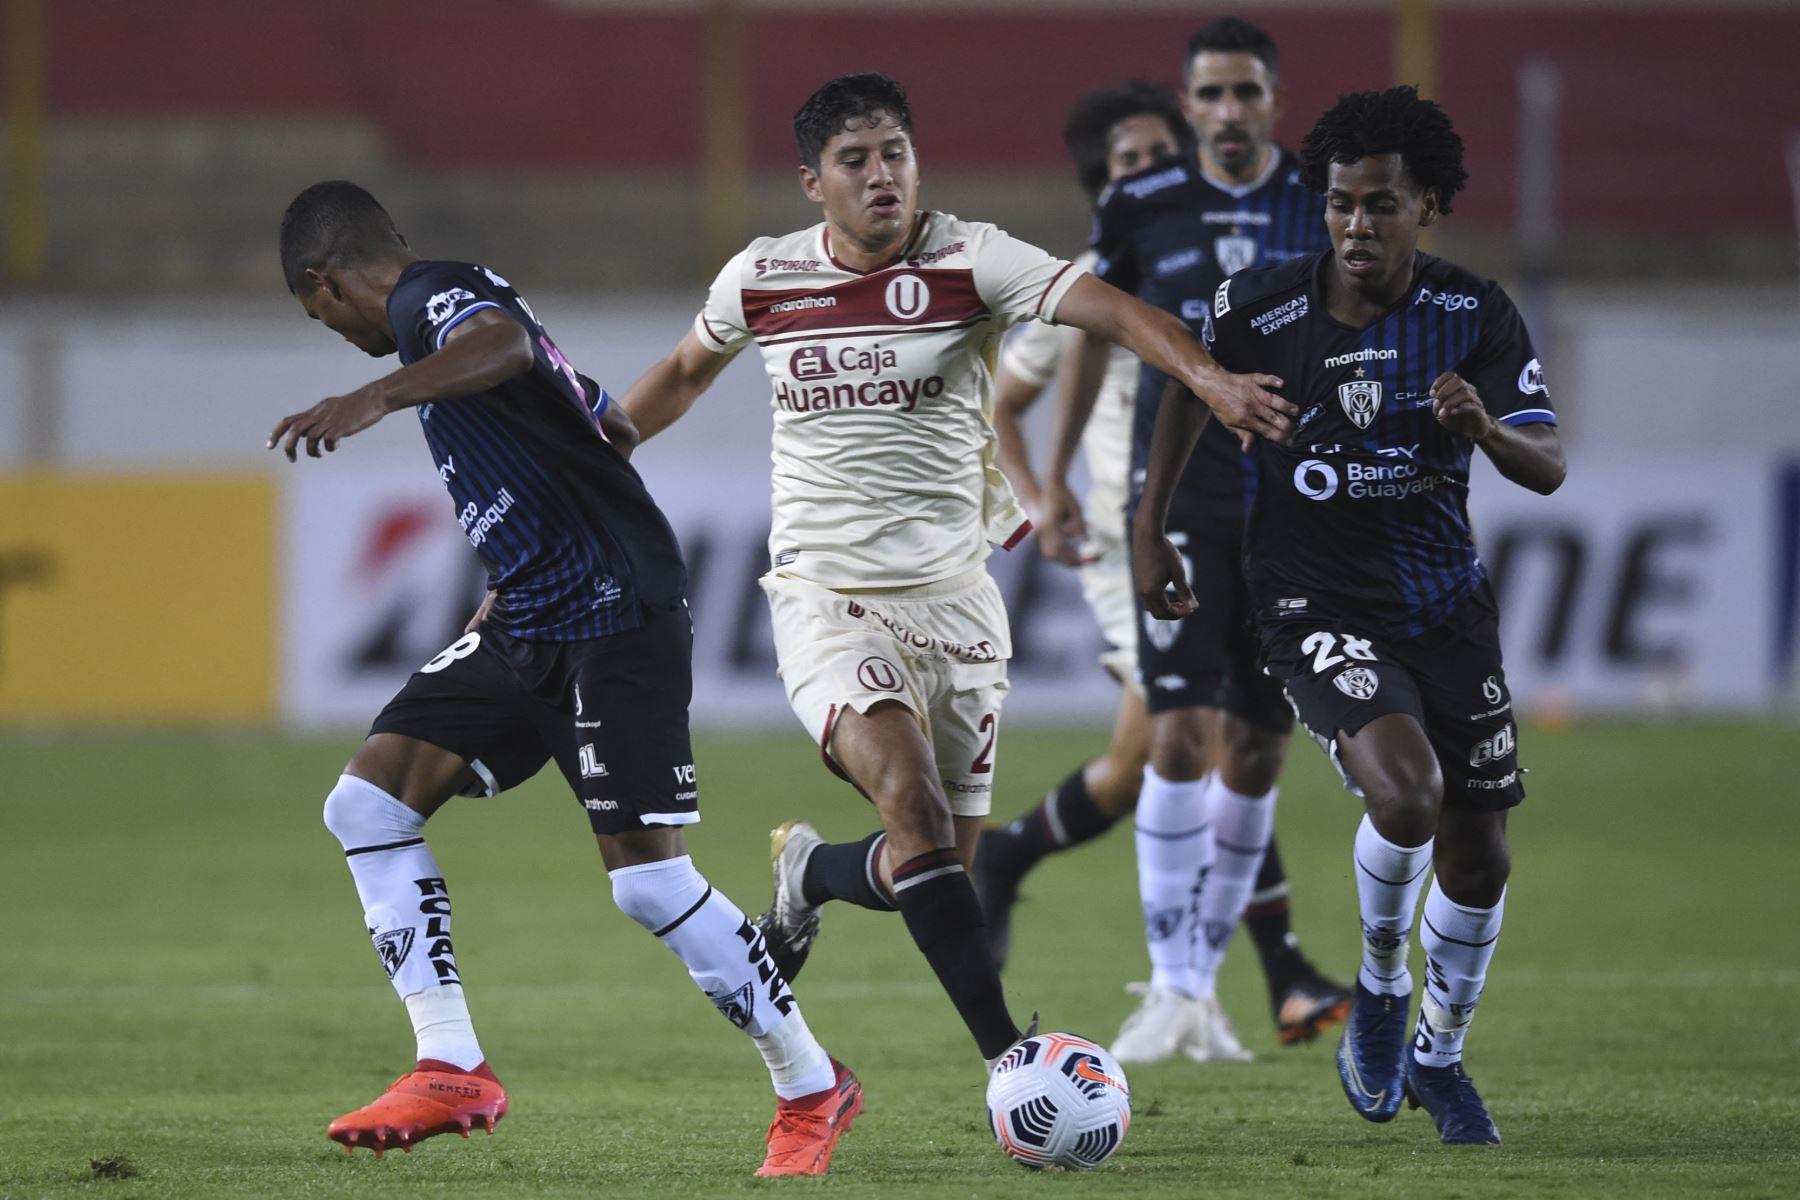 Luis Valverde de Universitario se enfrenta ante la marca de José Hurtado de Independiente del Valle durante el partido de la fase de grupos de la Copa Libertadores, en el Estadio Monumental. Foto: AFP